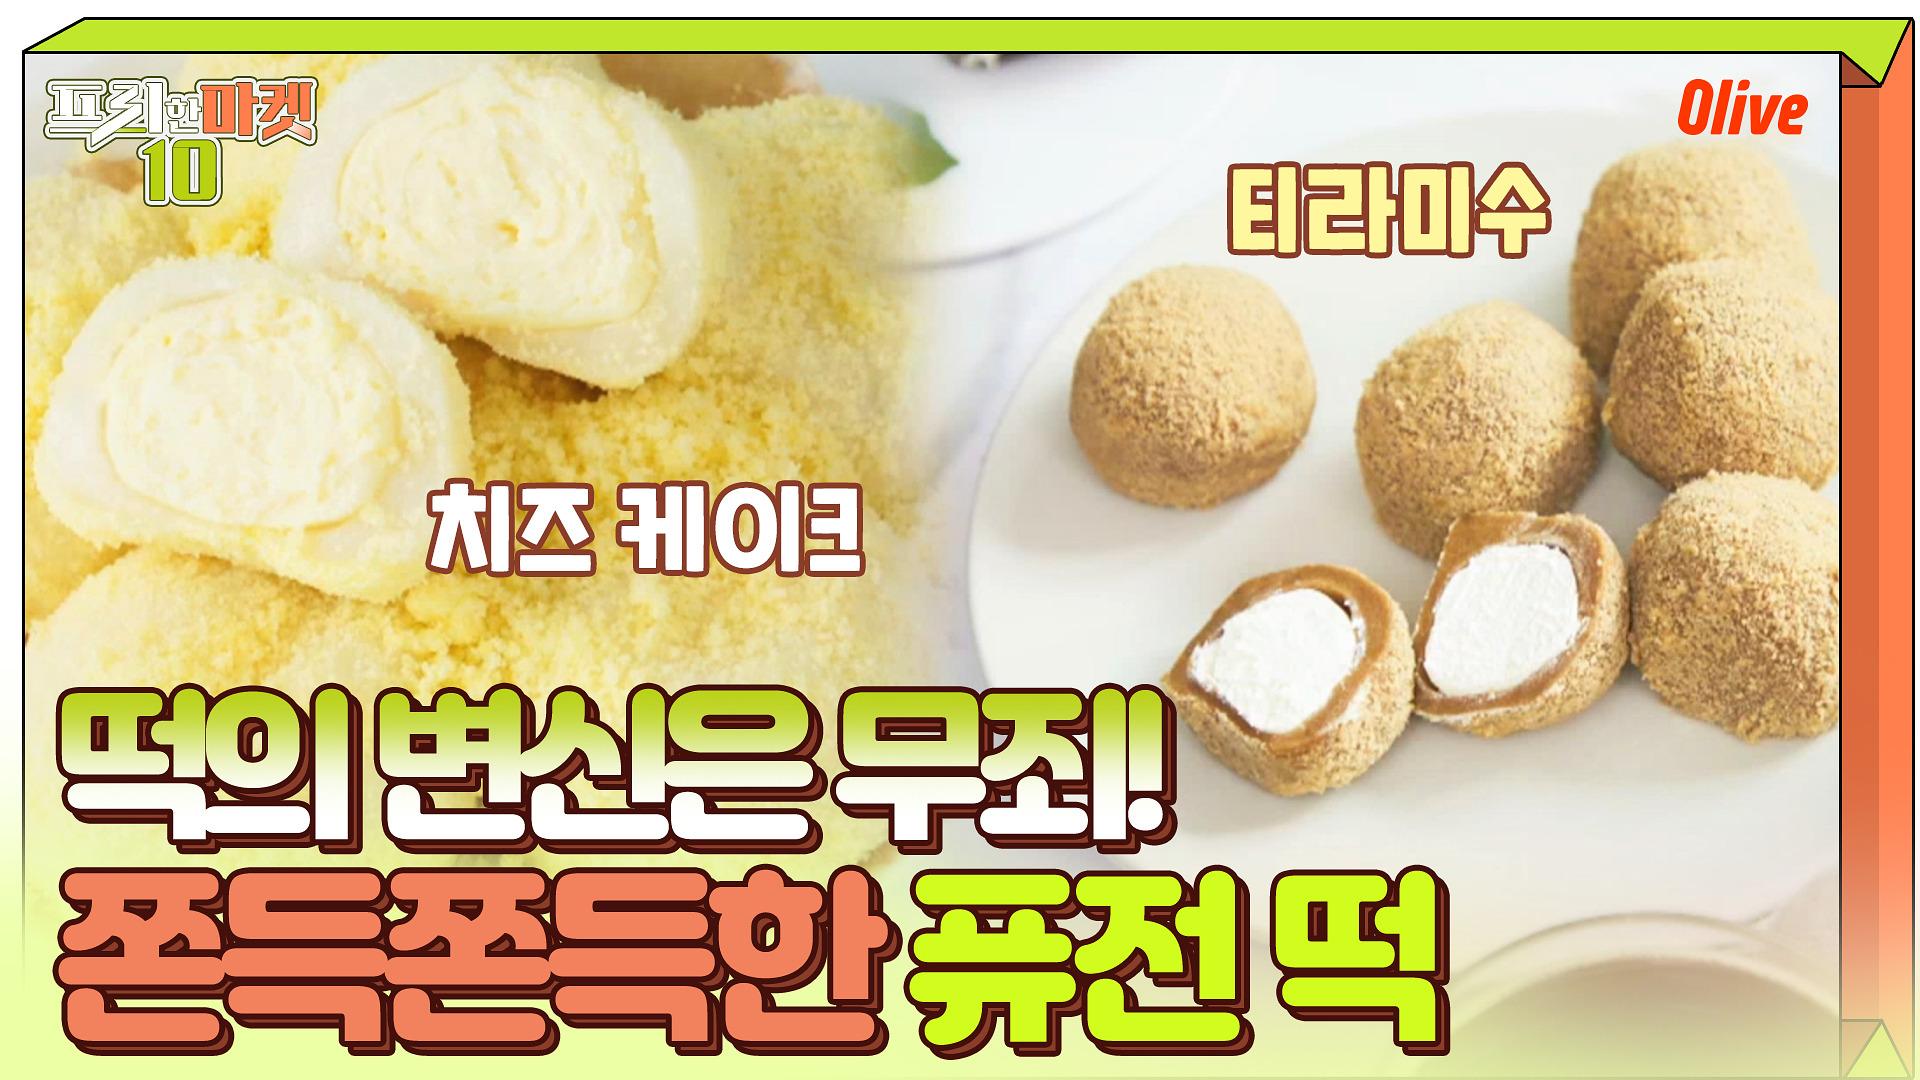 티라미수 떡 & 치즈 케이크 떡!! 전통 디저트에 홀릭♥